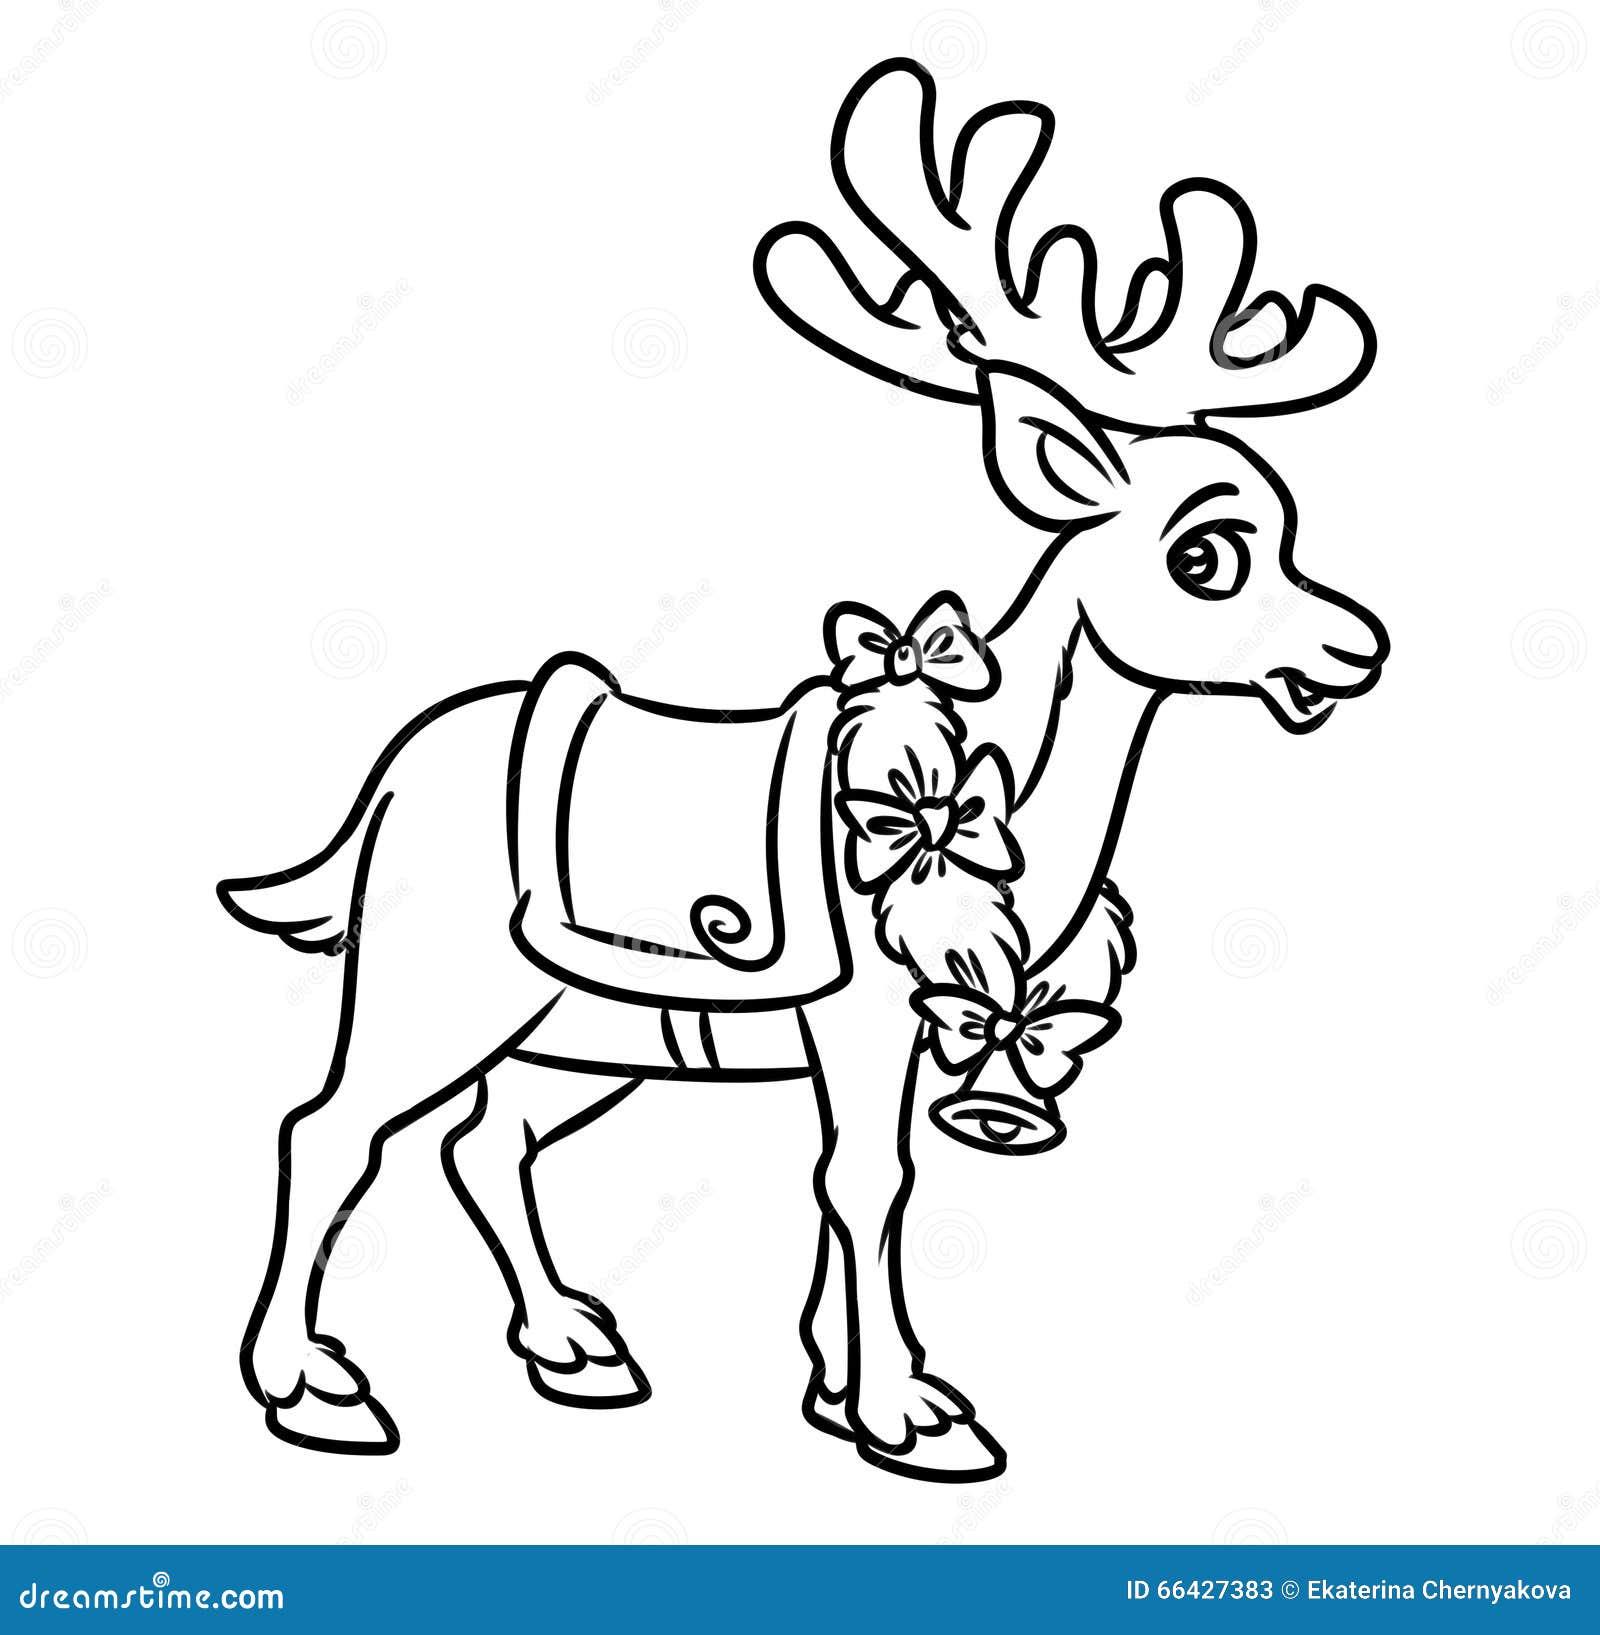 santa animal coloring pages - photo#3